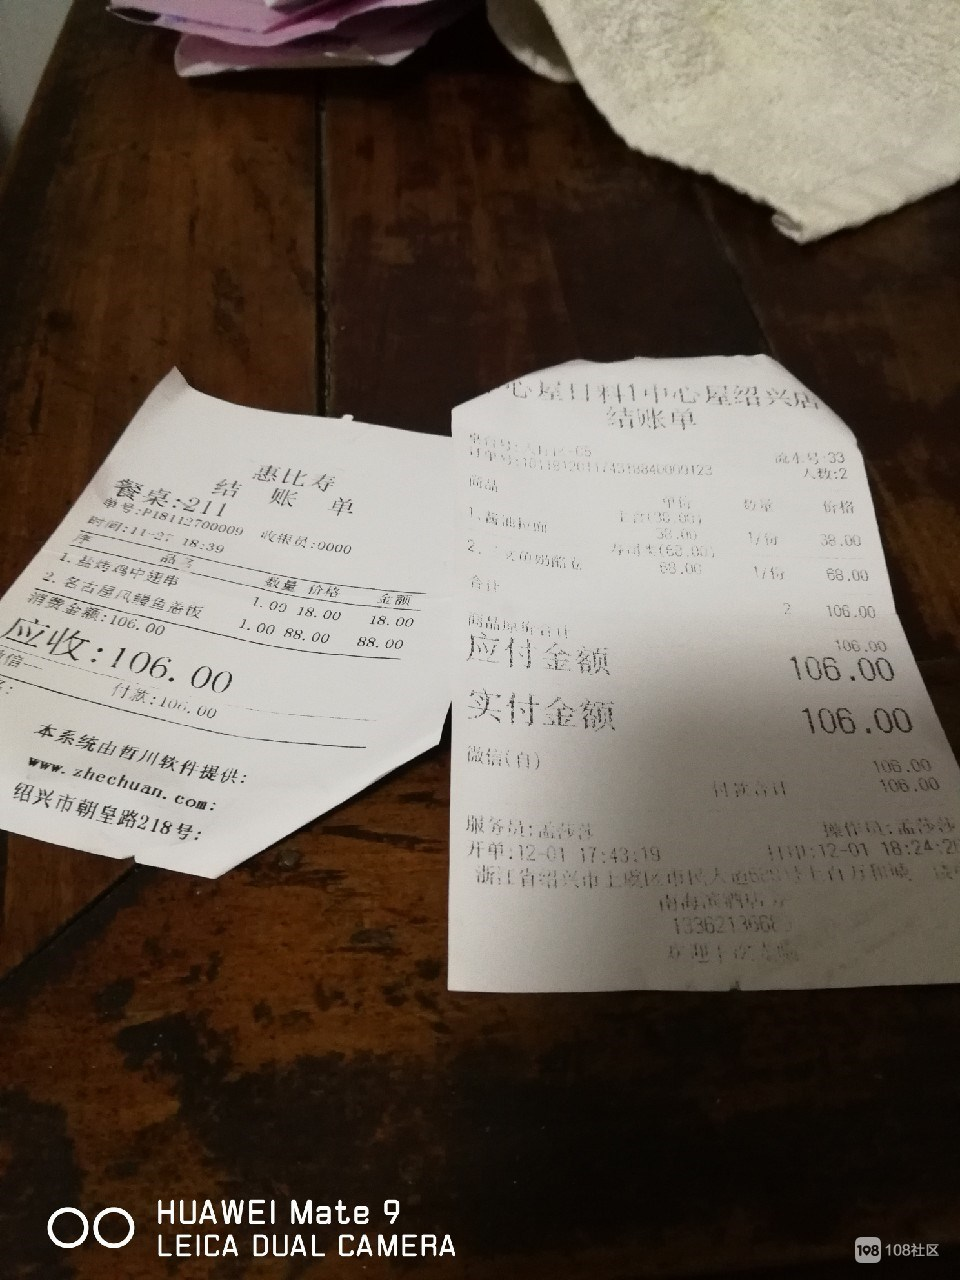 免费吃遍30家店!上虞锦鲤本人表示真的很爽!